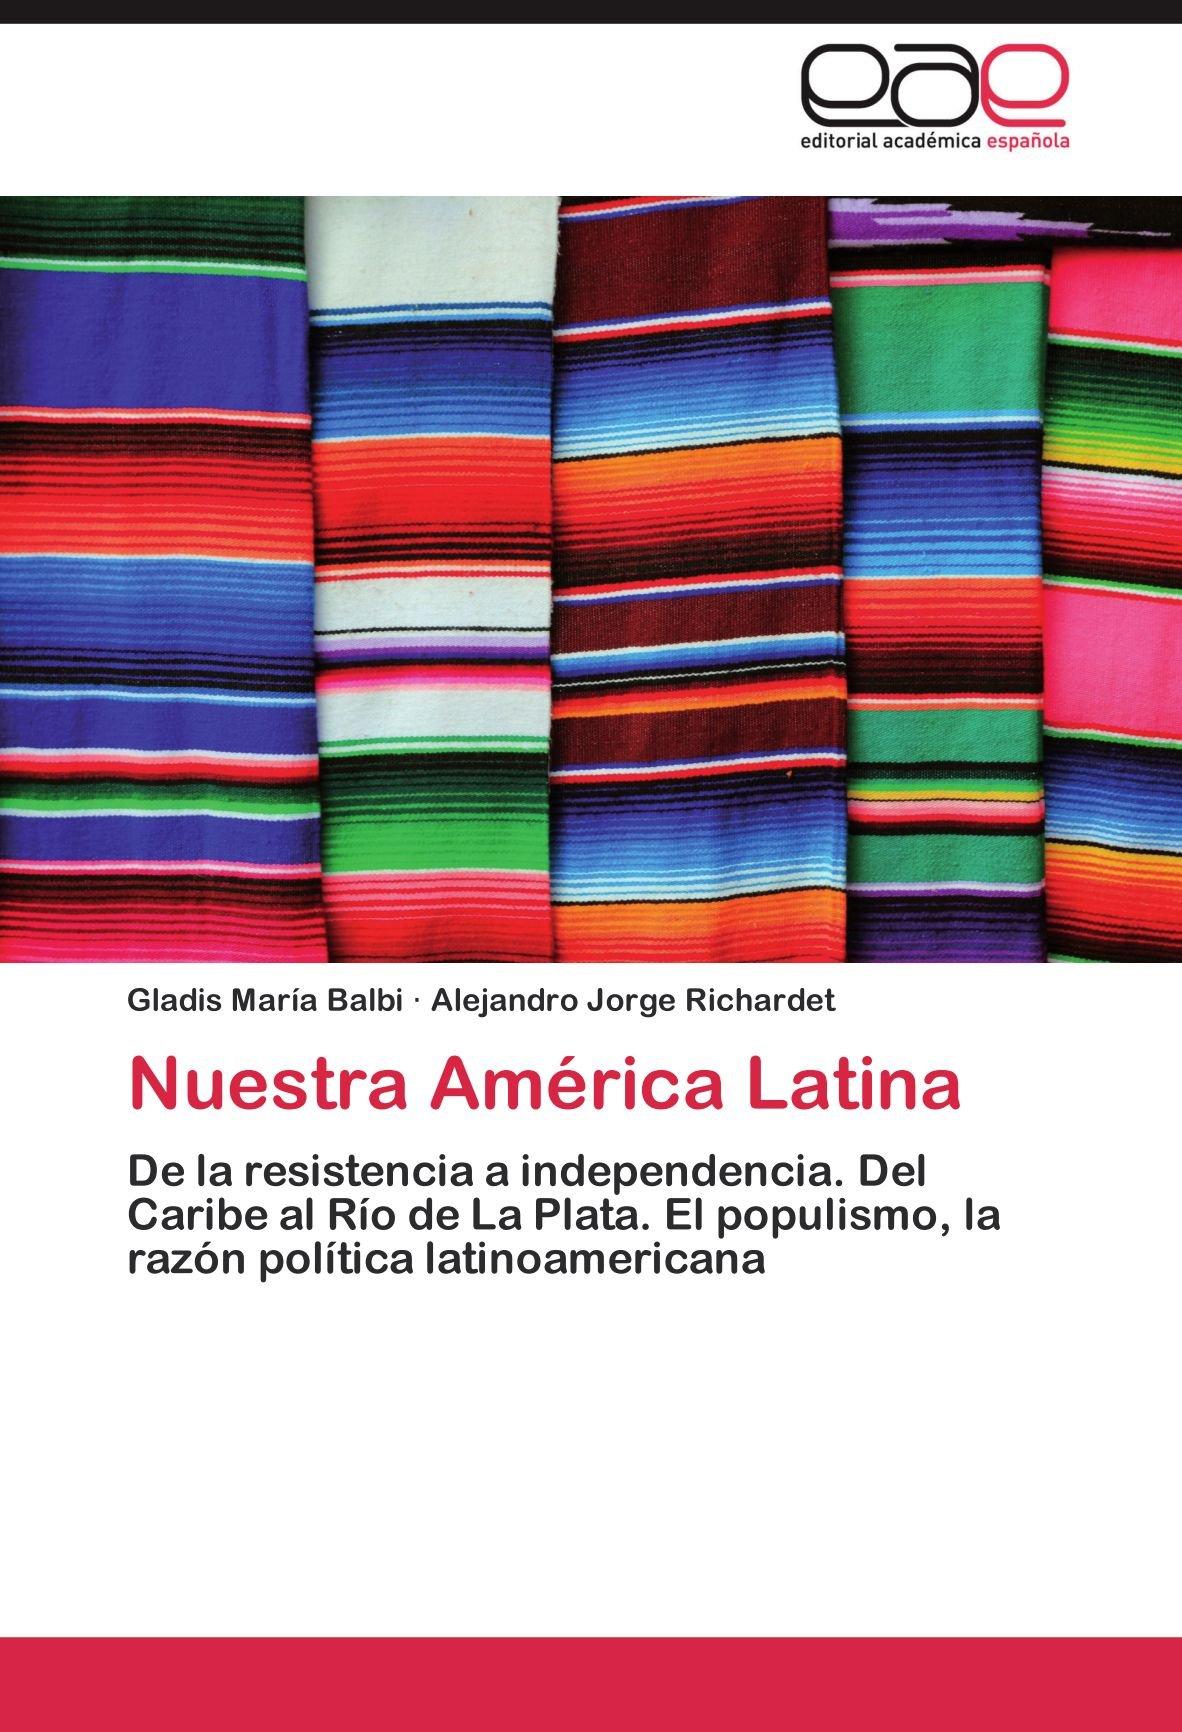 Nuestra América Latina: De la resistencia a independencia. Del Caribe al Río de La Plata. El populismo, la razón política latinoamericana (Spanish Edition) PDF